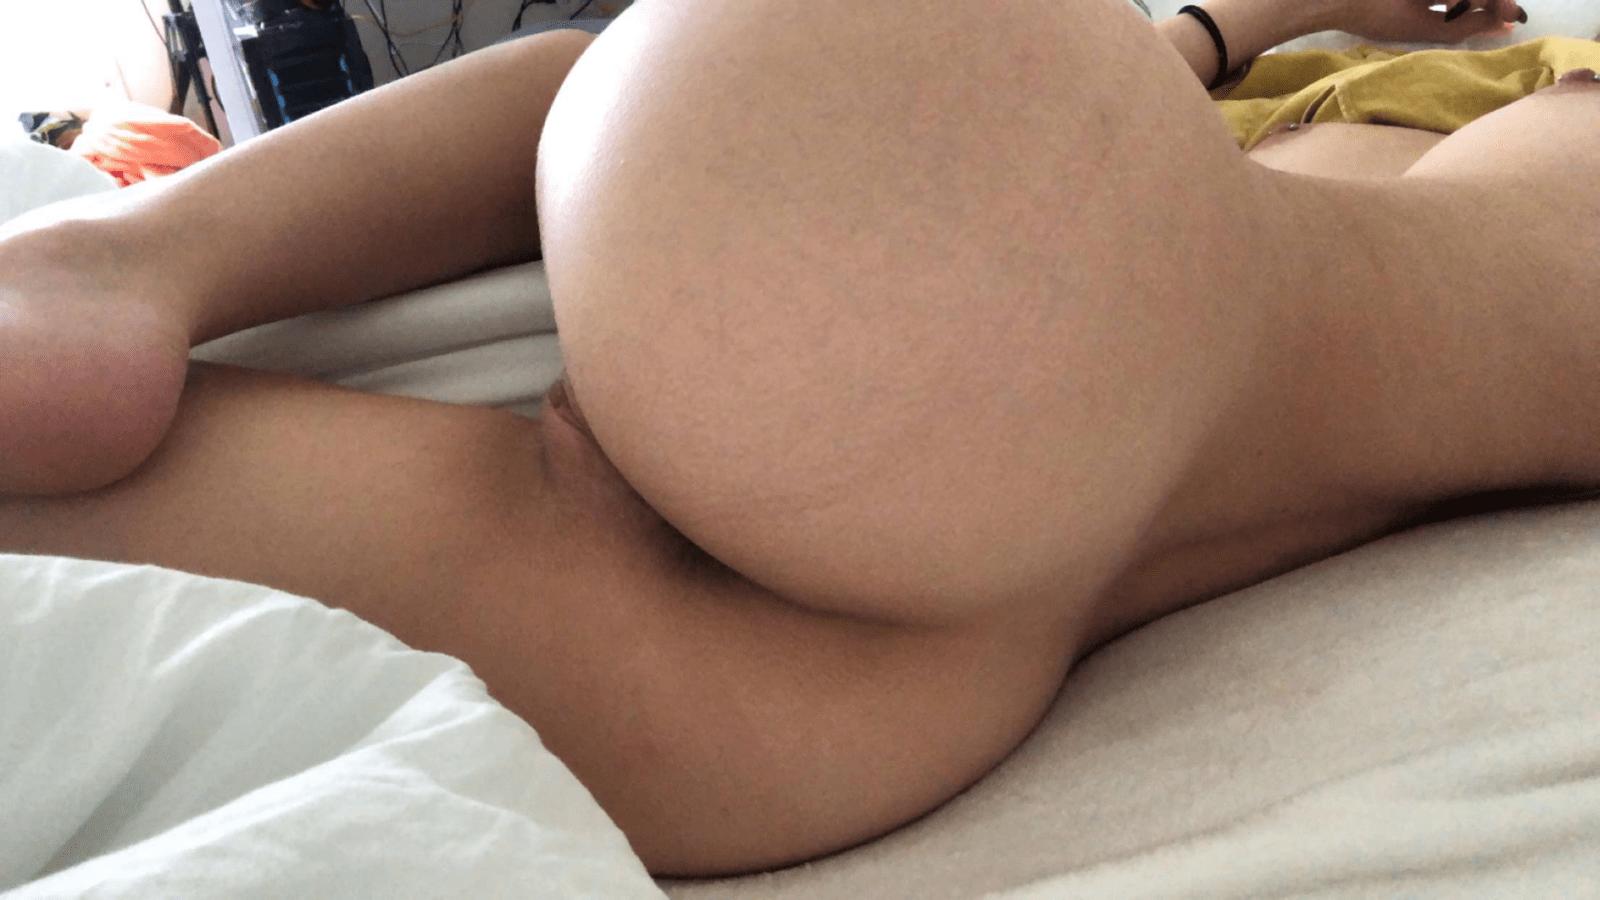 Peachtot Nude Pikapeachu Onlyfans Dildo Leaked 7